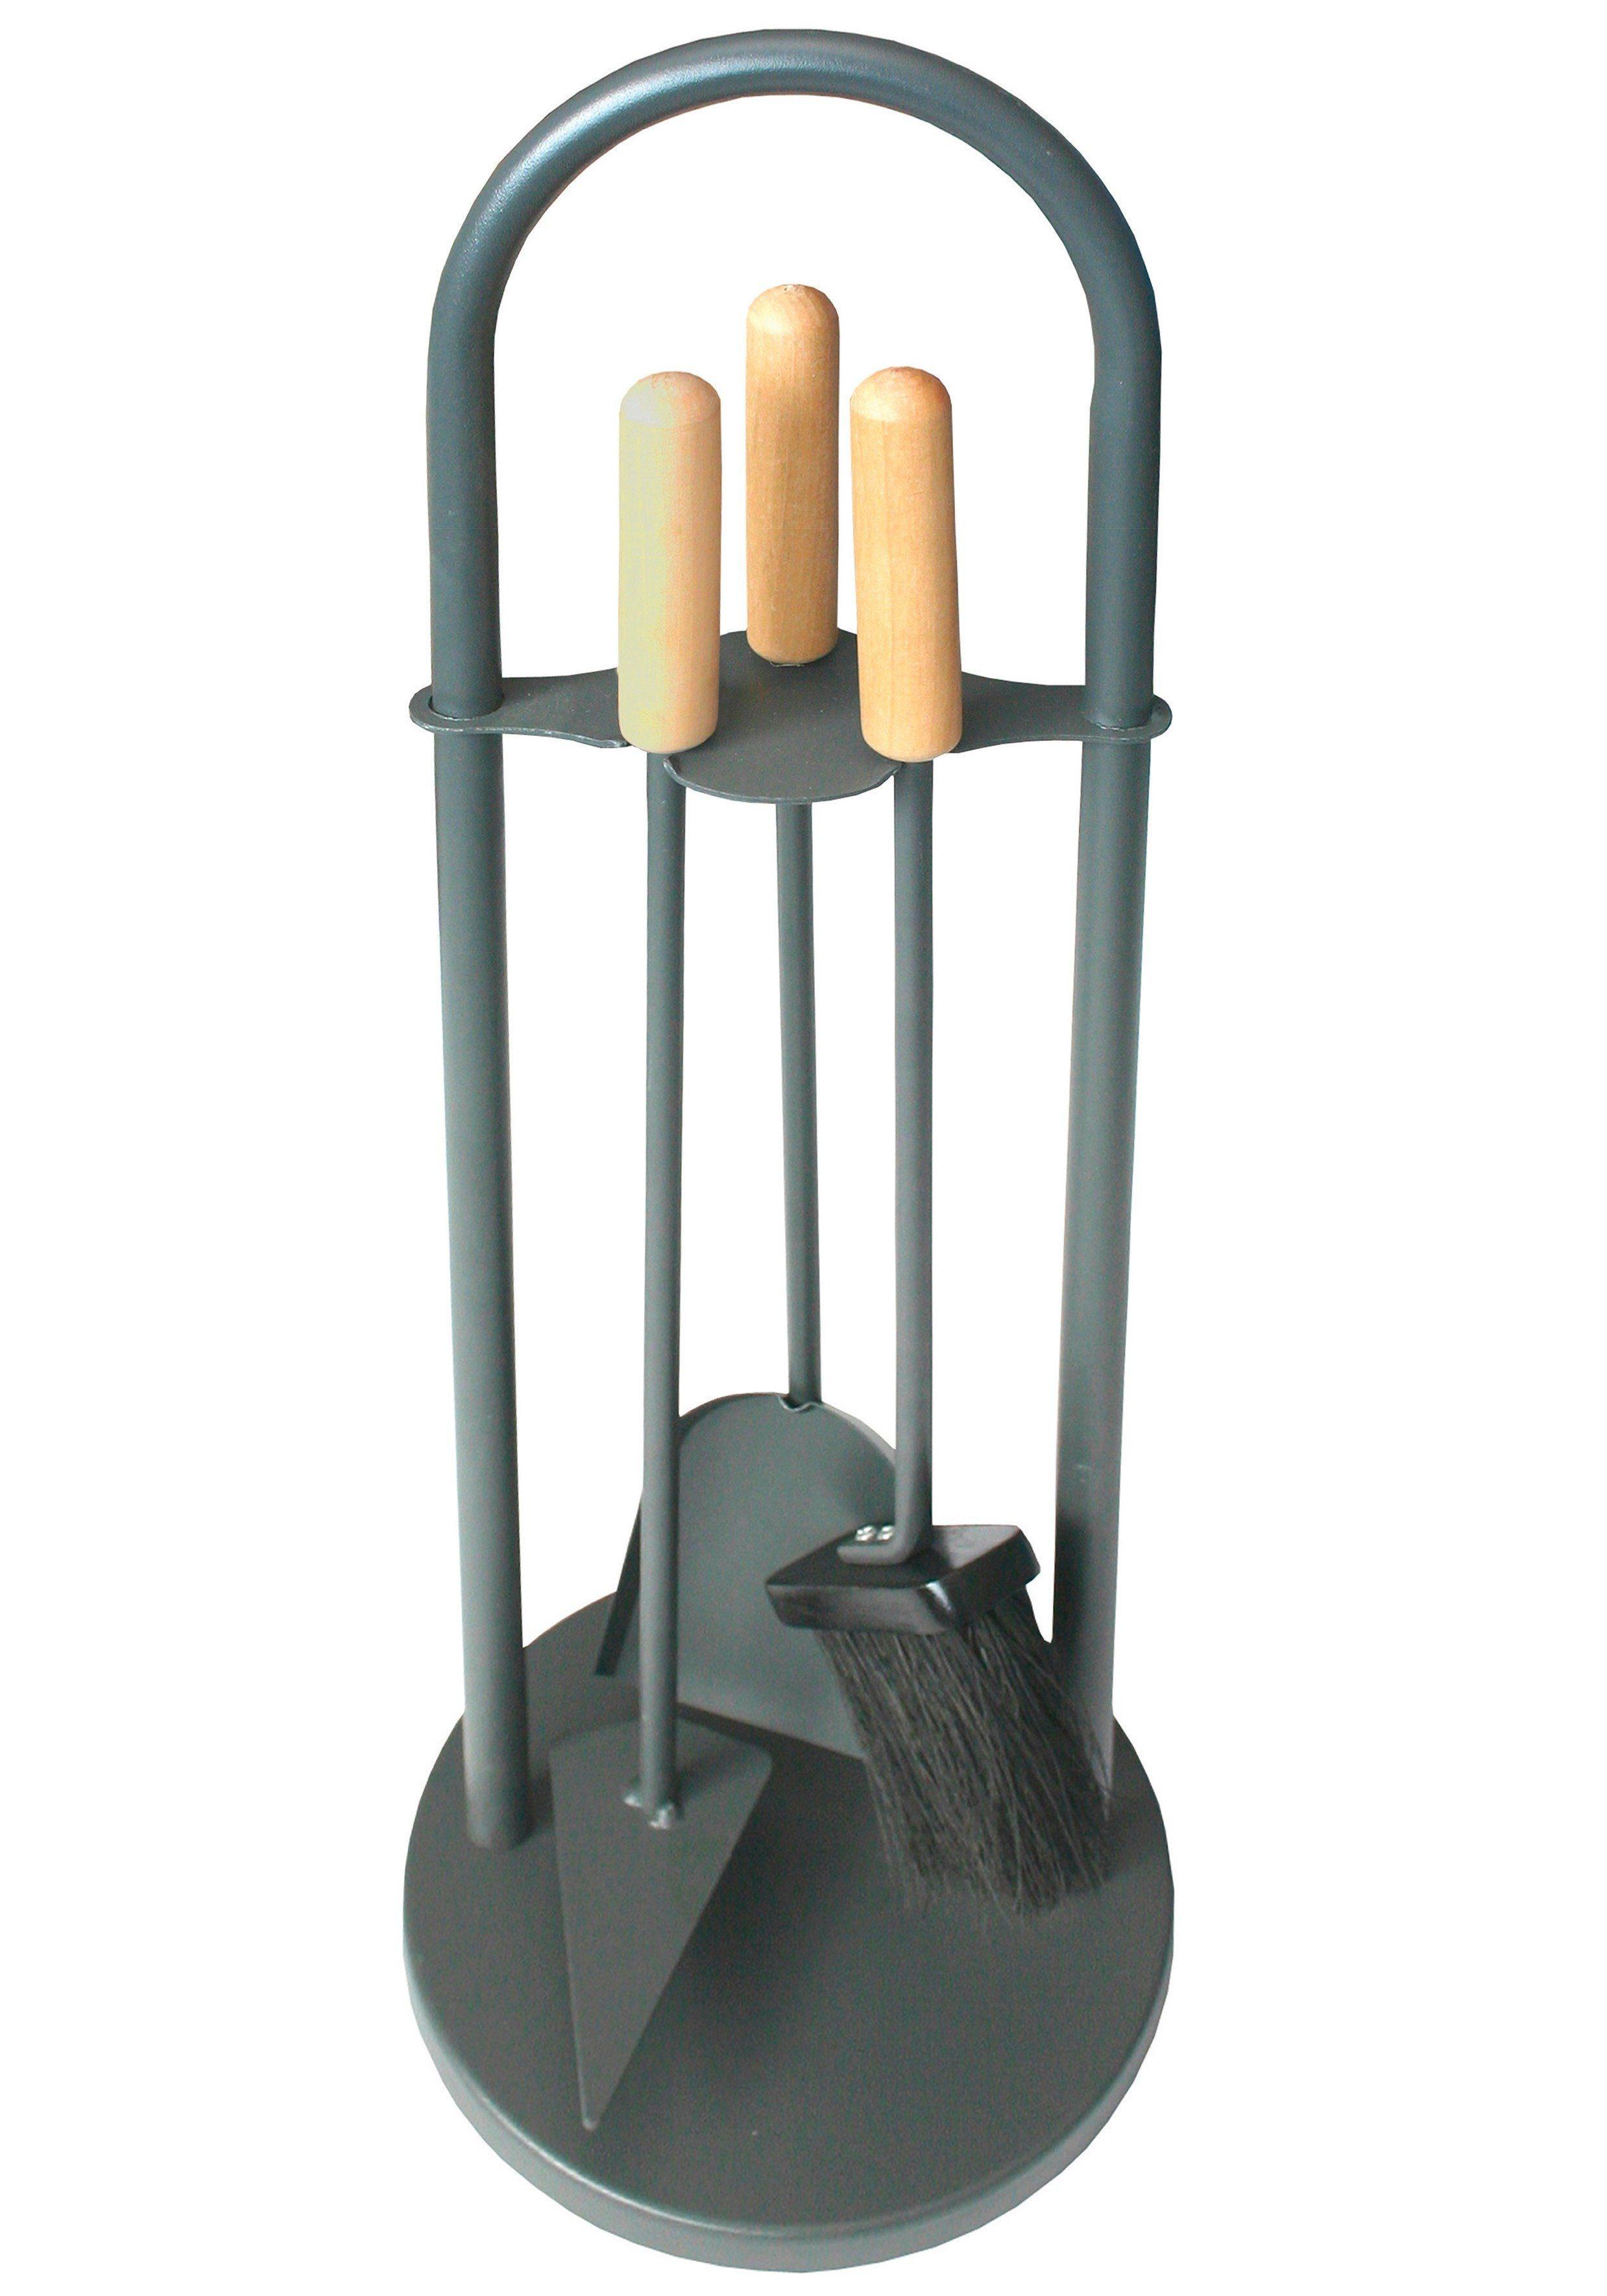 Südmetall Kaminbesteck »Eisen beschichtet«, Set 3 tlg., Griffe aus Holz, Tragegriff